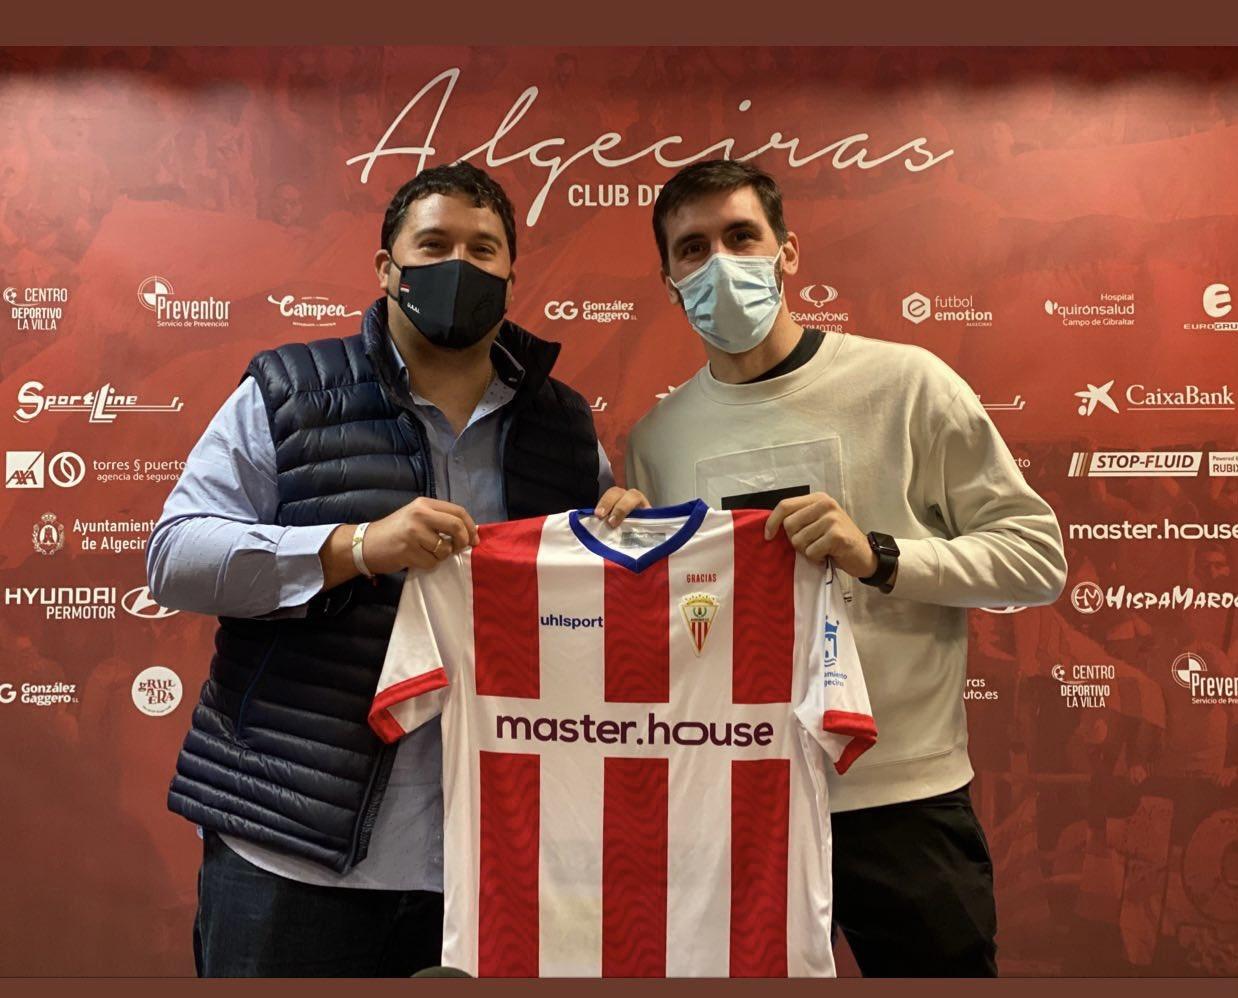 El Algeciras ficha a Jordi Figueras